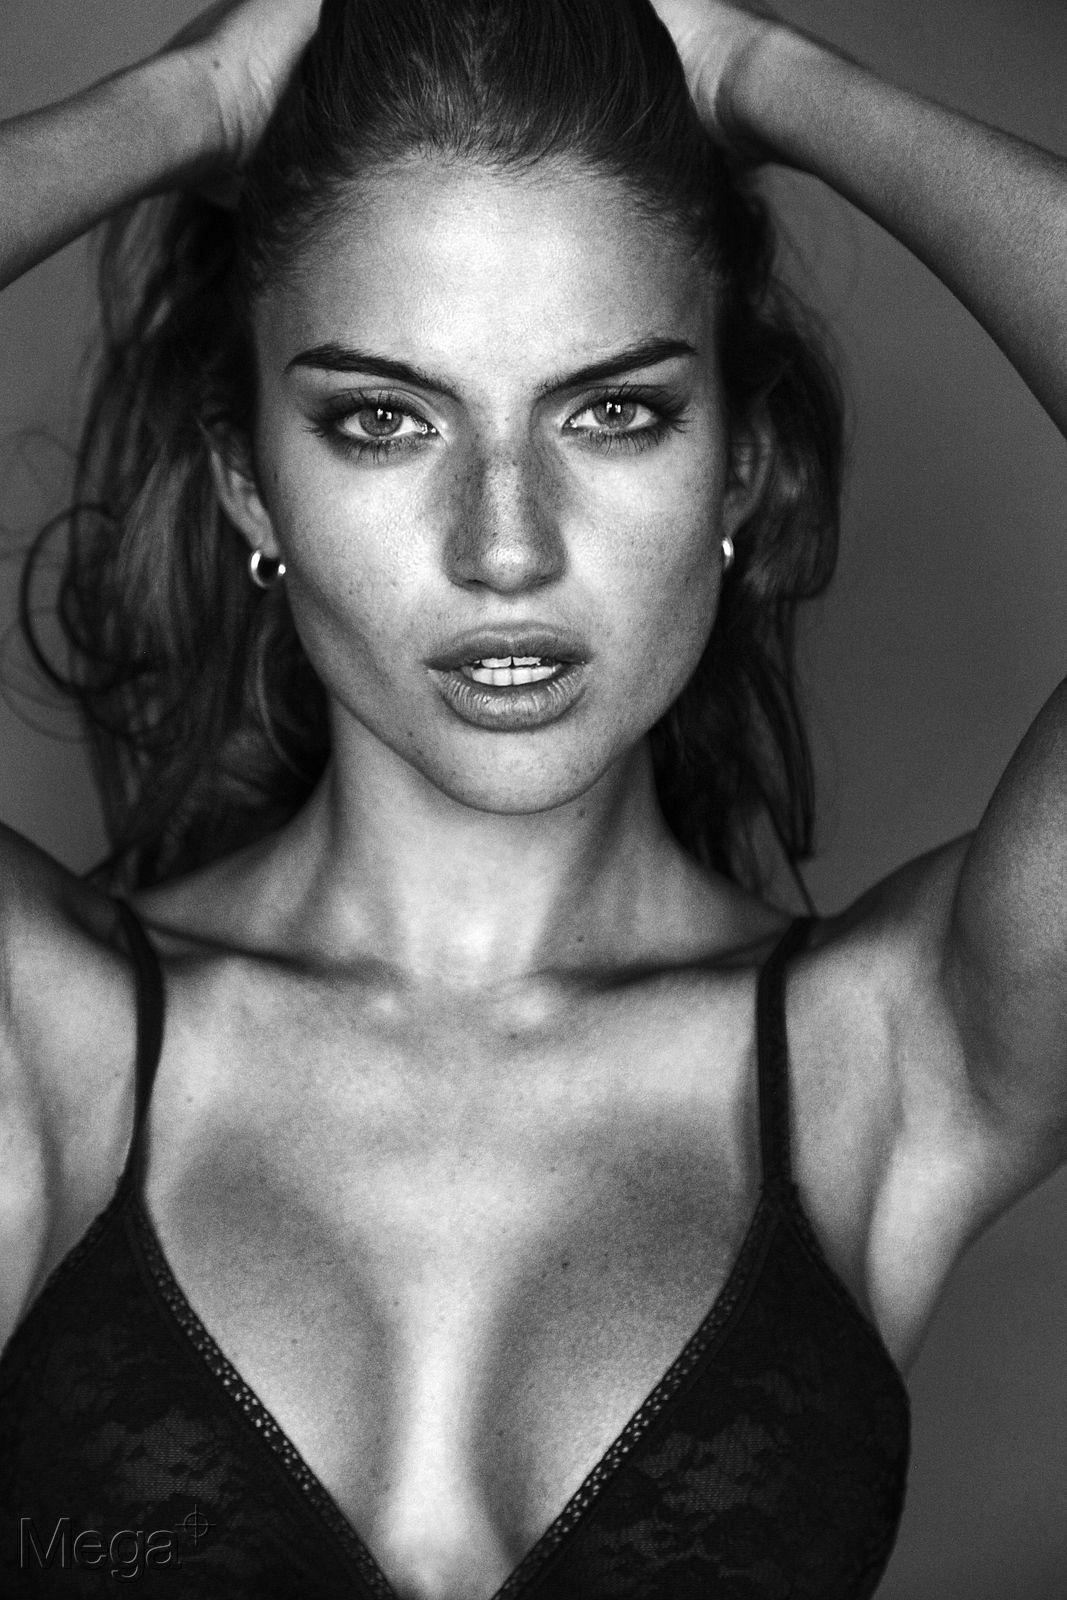 Rafaella Consentino nudes (14 pictures), young Bikini, YouTube, bra 2016